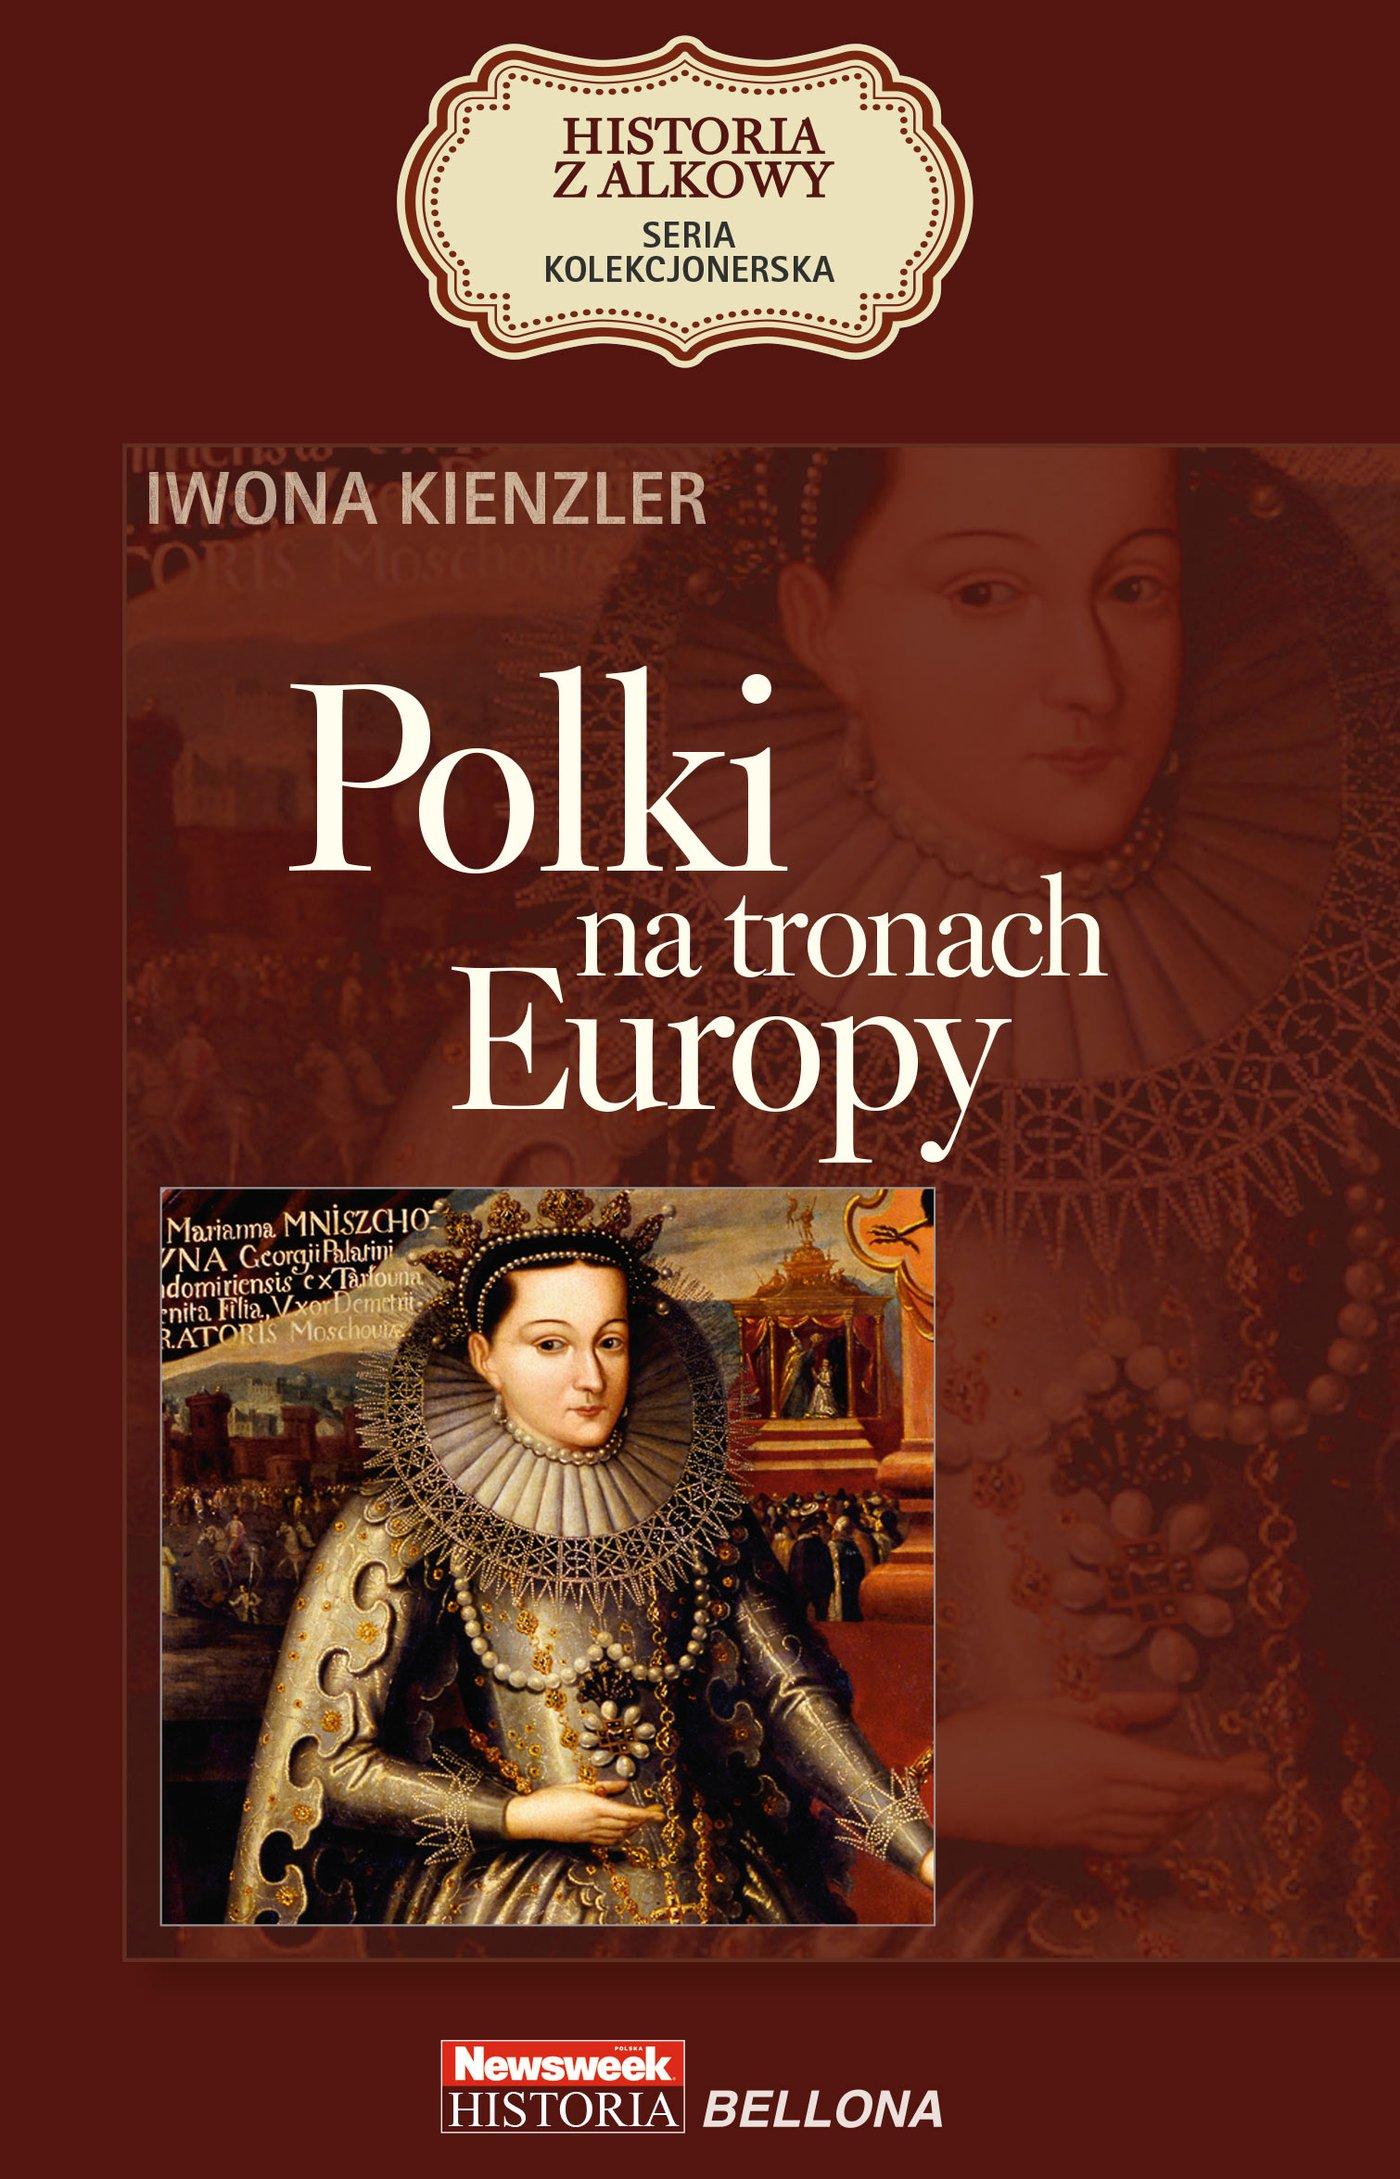 Polki na tronach Europy - Ebook (Książka EPUB) do pobrania w formacie EPUB